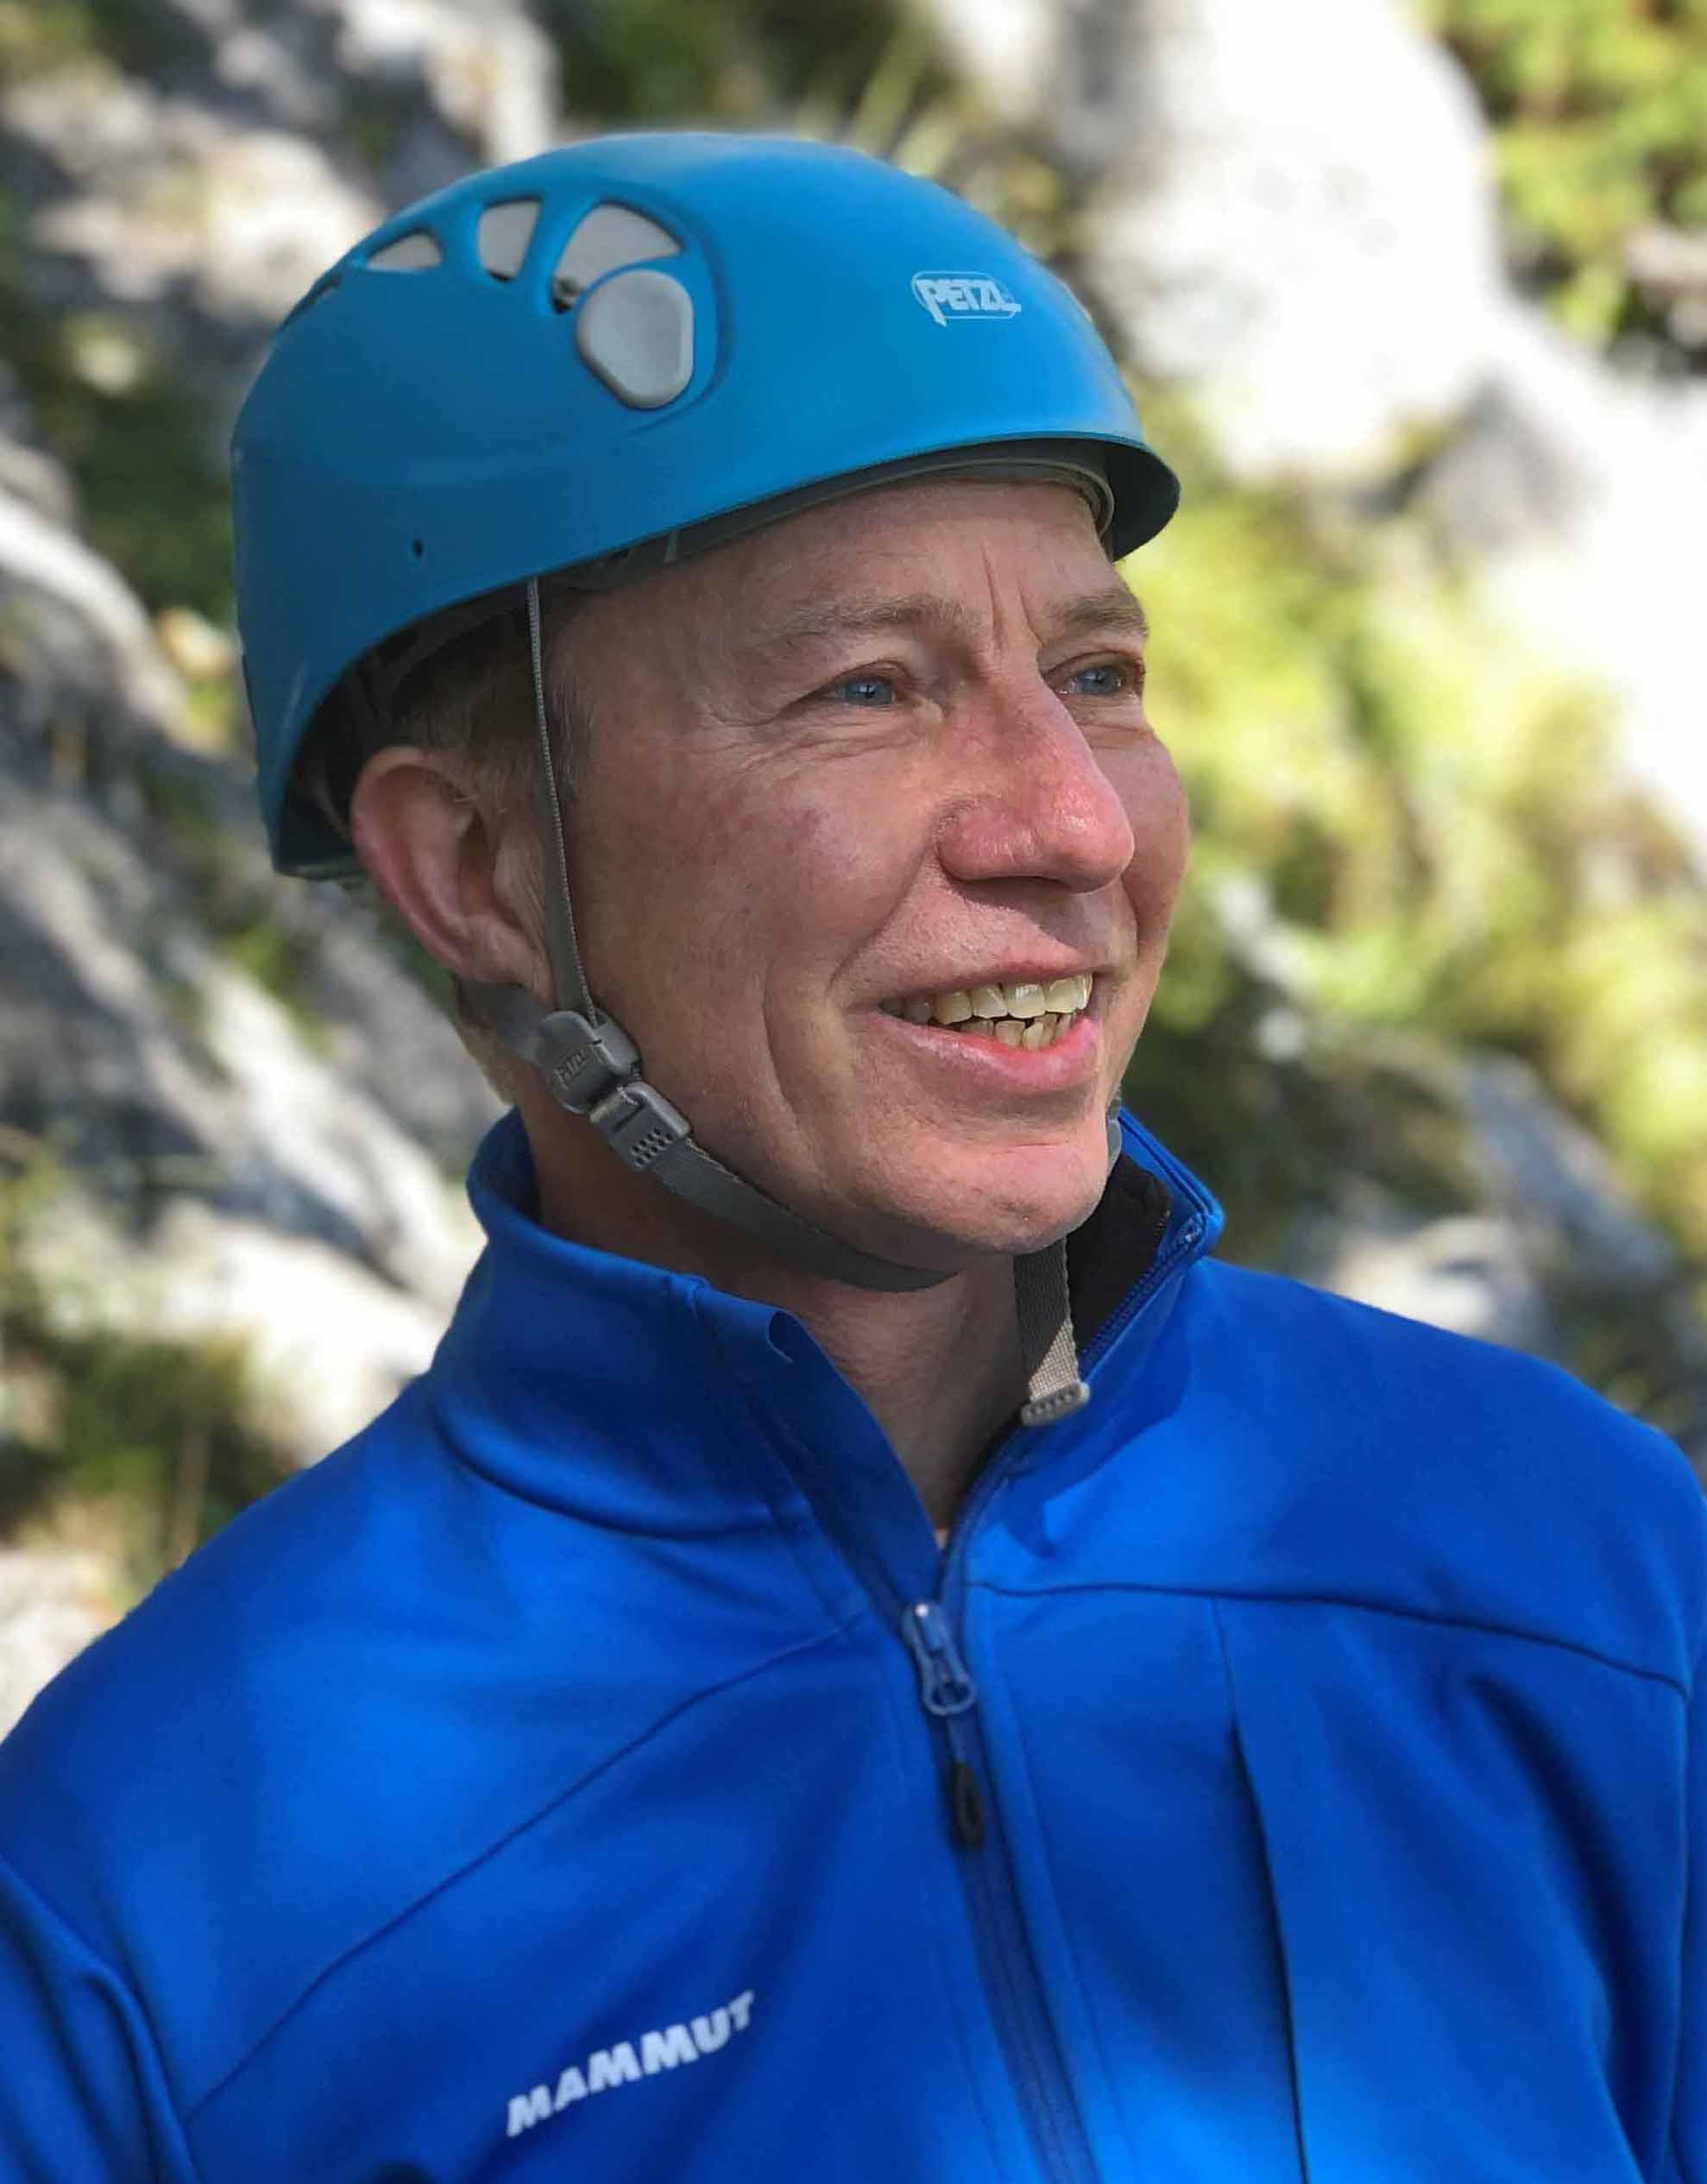 Paul Saalfeld